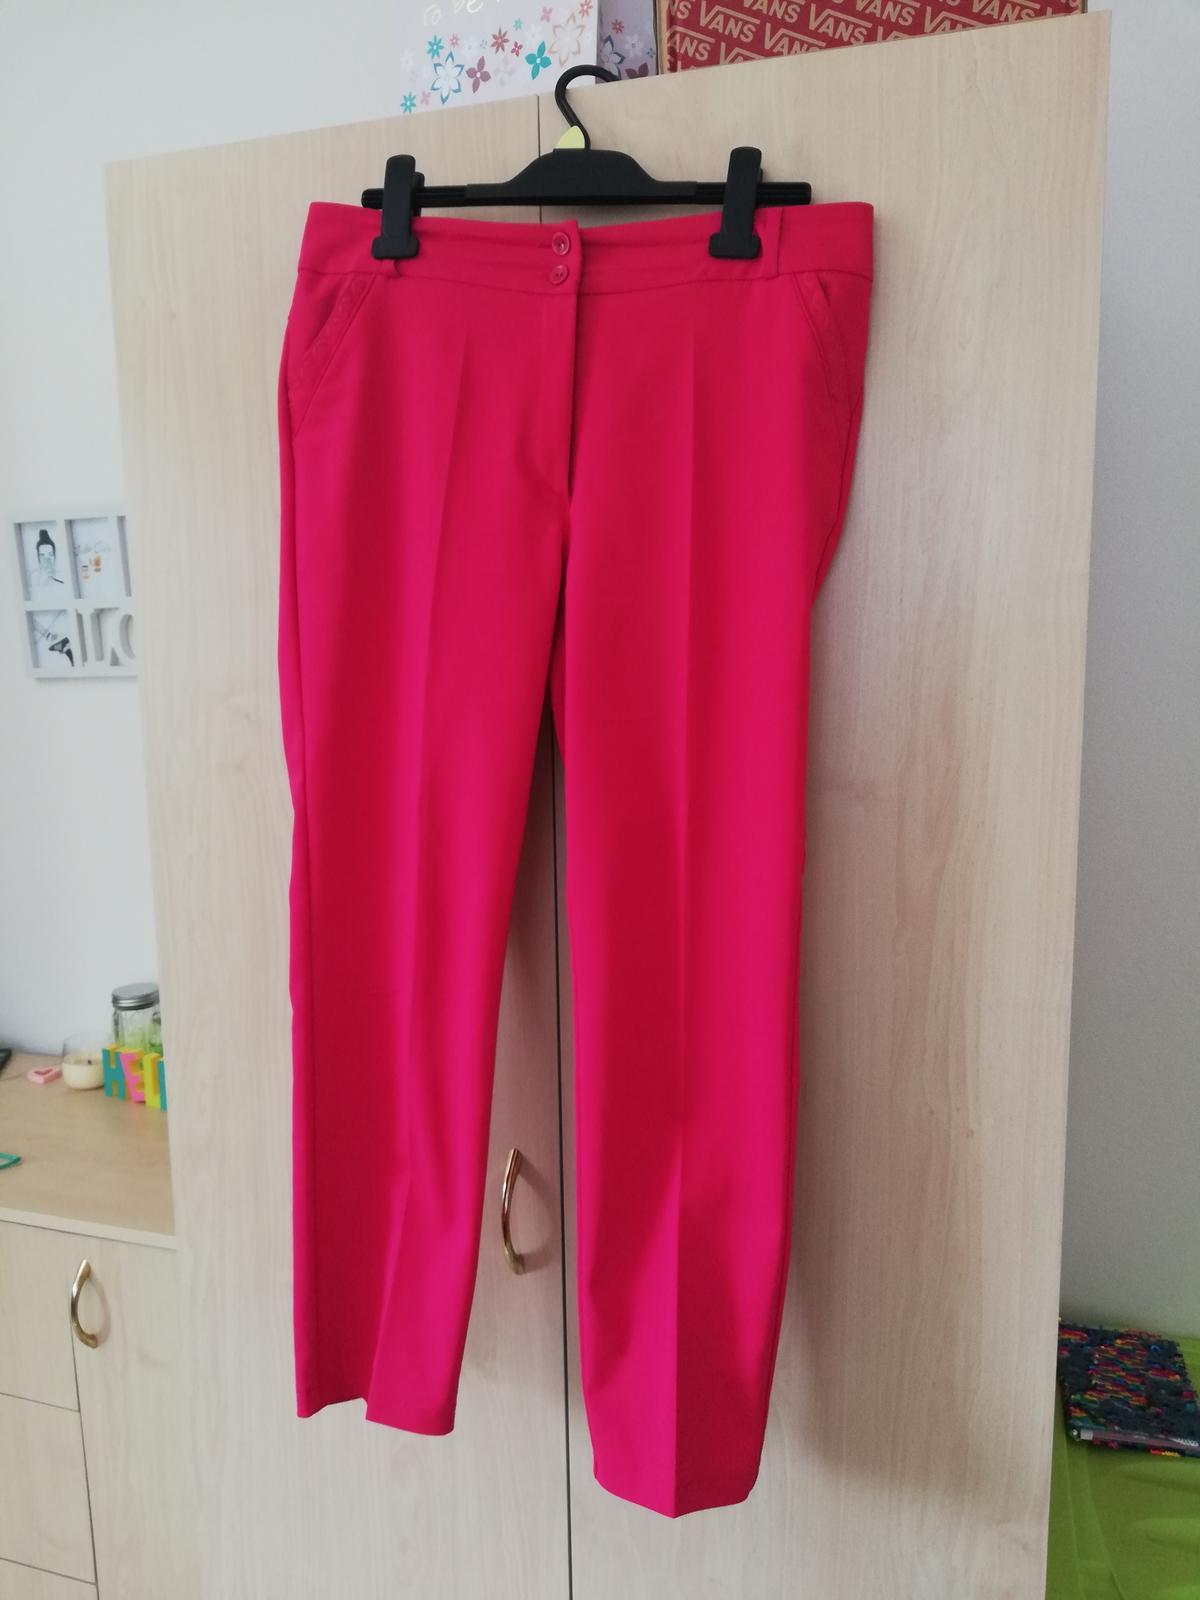 Sýtoružové elegantné nohavice - Obrázok č. 1